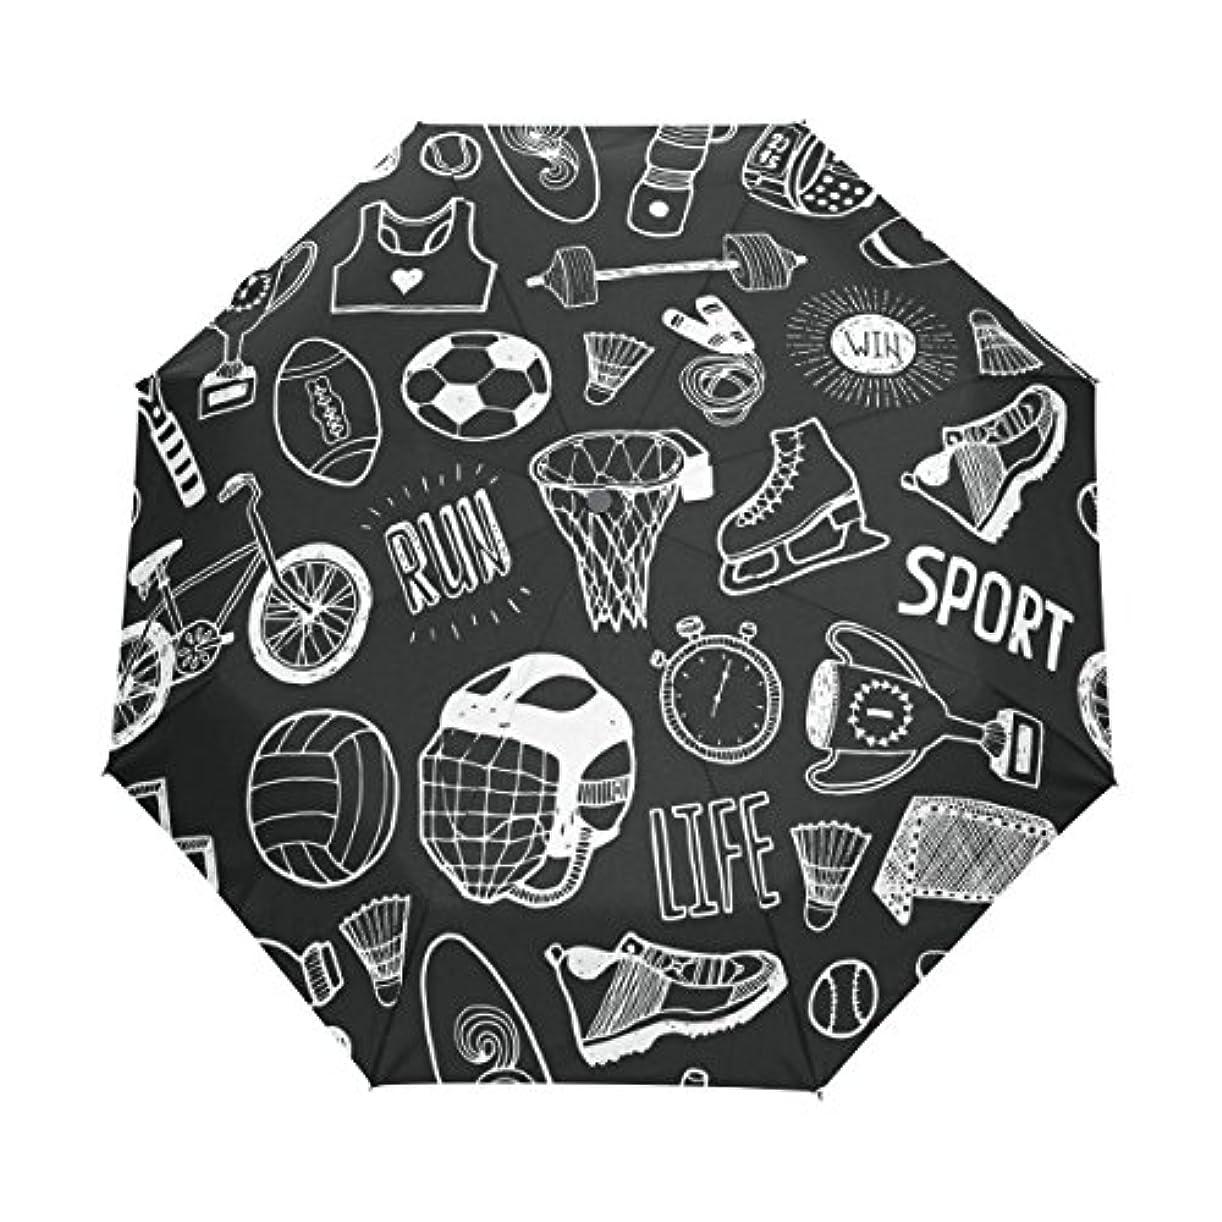 野球正午勝利したALAZA 自動開閉式折りたたみ傘 運動柄 うんどう柄 運動会 スポーツ柄 ポリウレタンコーティング カスタムデザイン ブラック 夏 8本骨 収納ケース付 UV 3段折 日焼け対策 プレゼント 部活